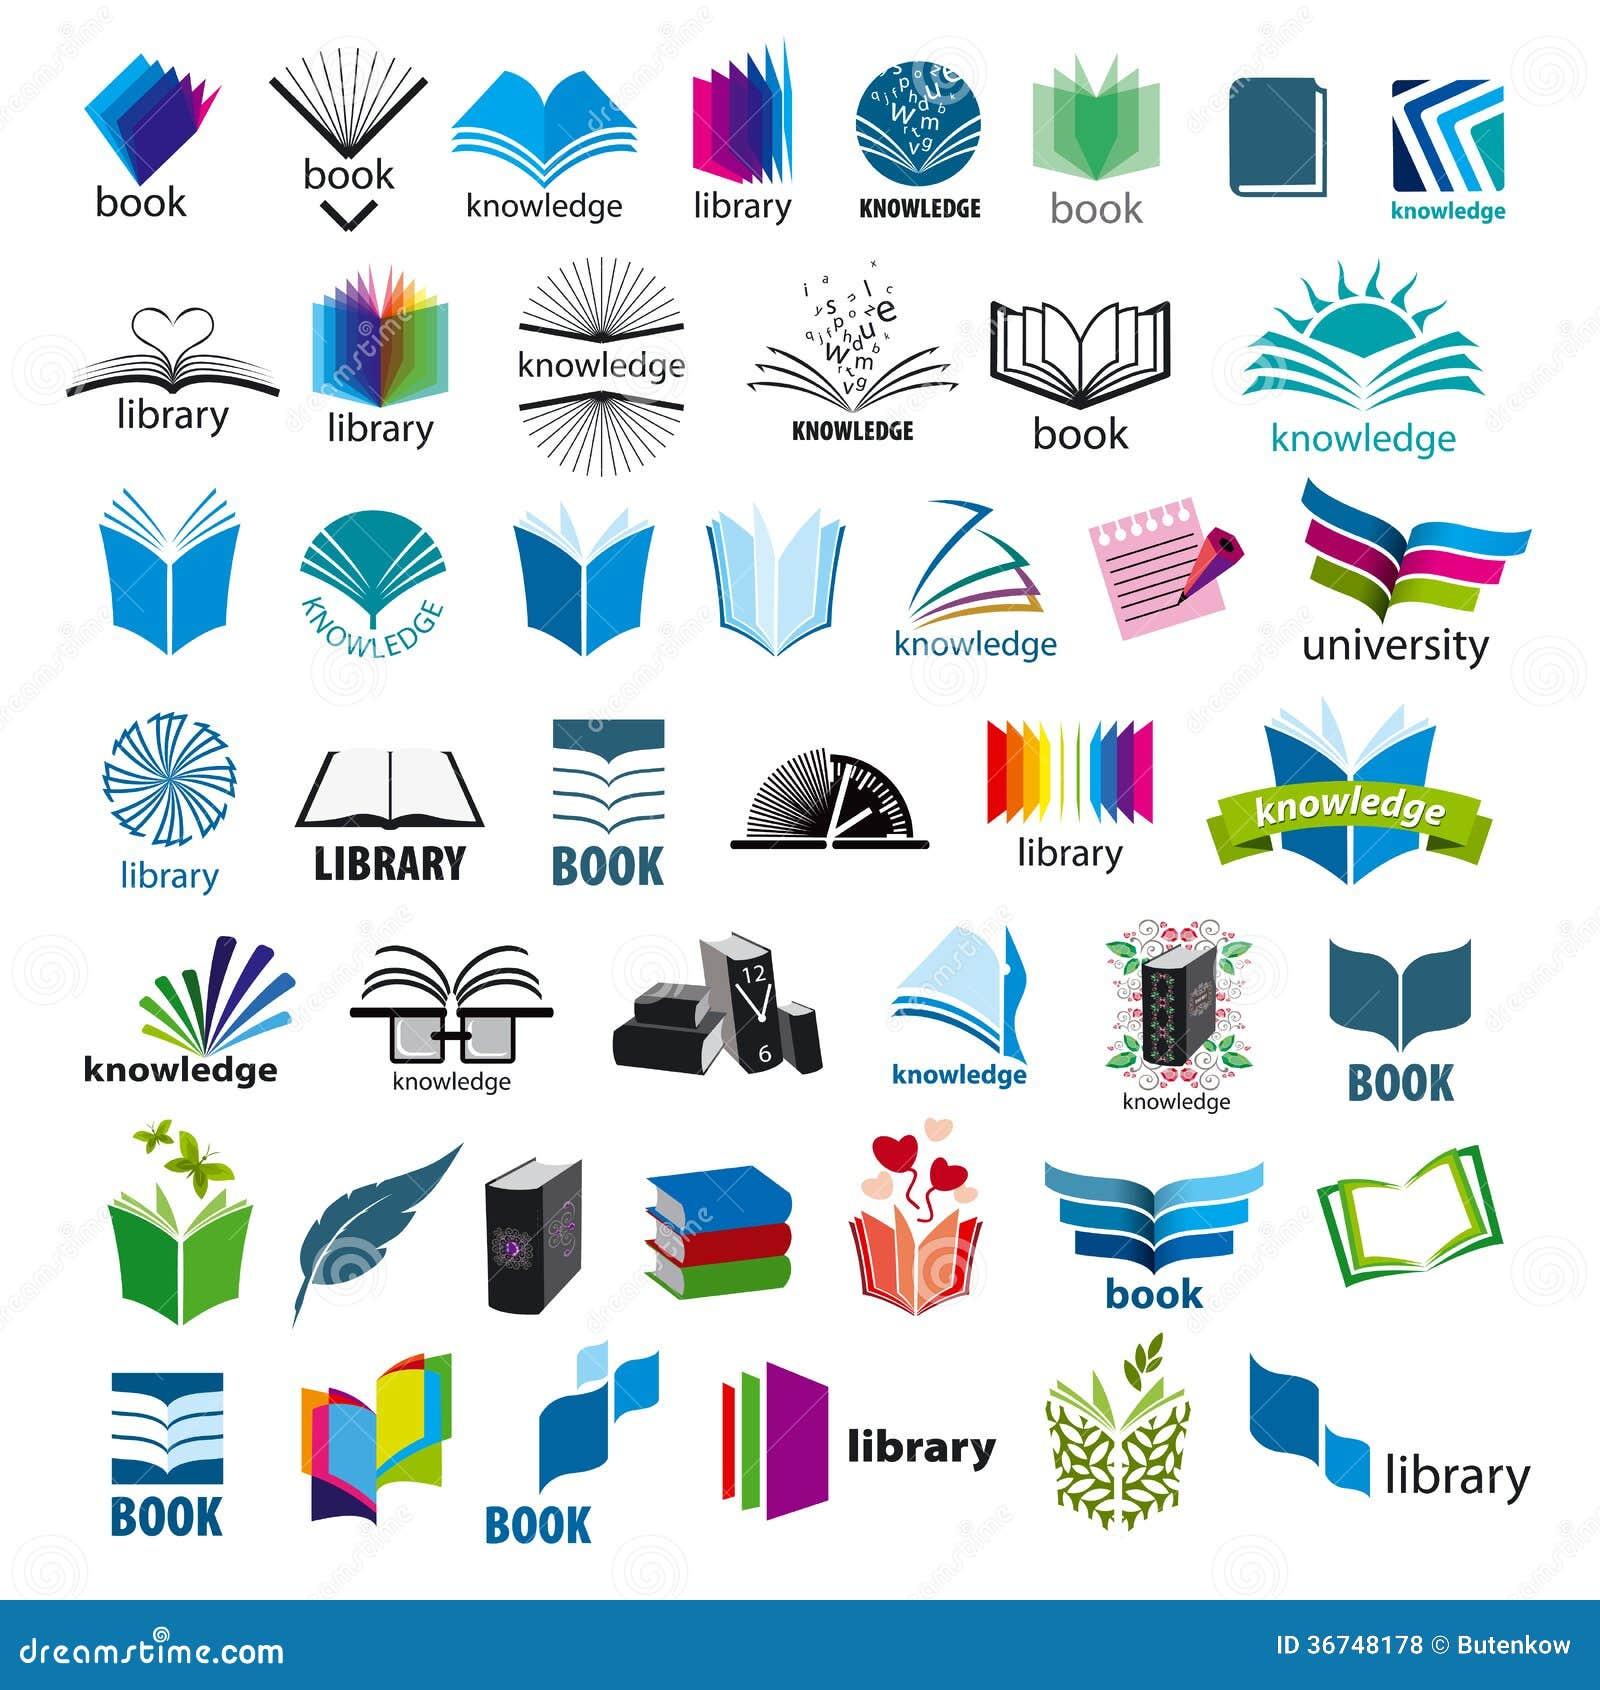 Book logos stock vector image 42714029 - Book Logos Stock Vector Image 42714029 Book Logos Stock Vector Image 42714029 Collection Of Vector